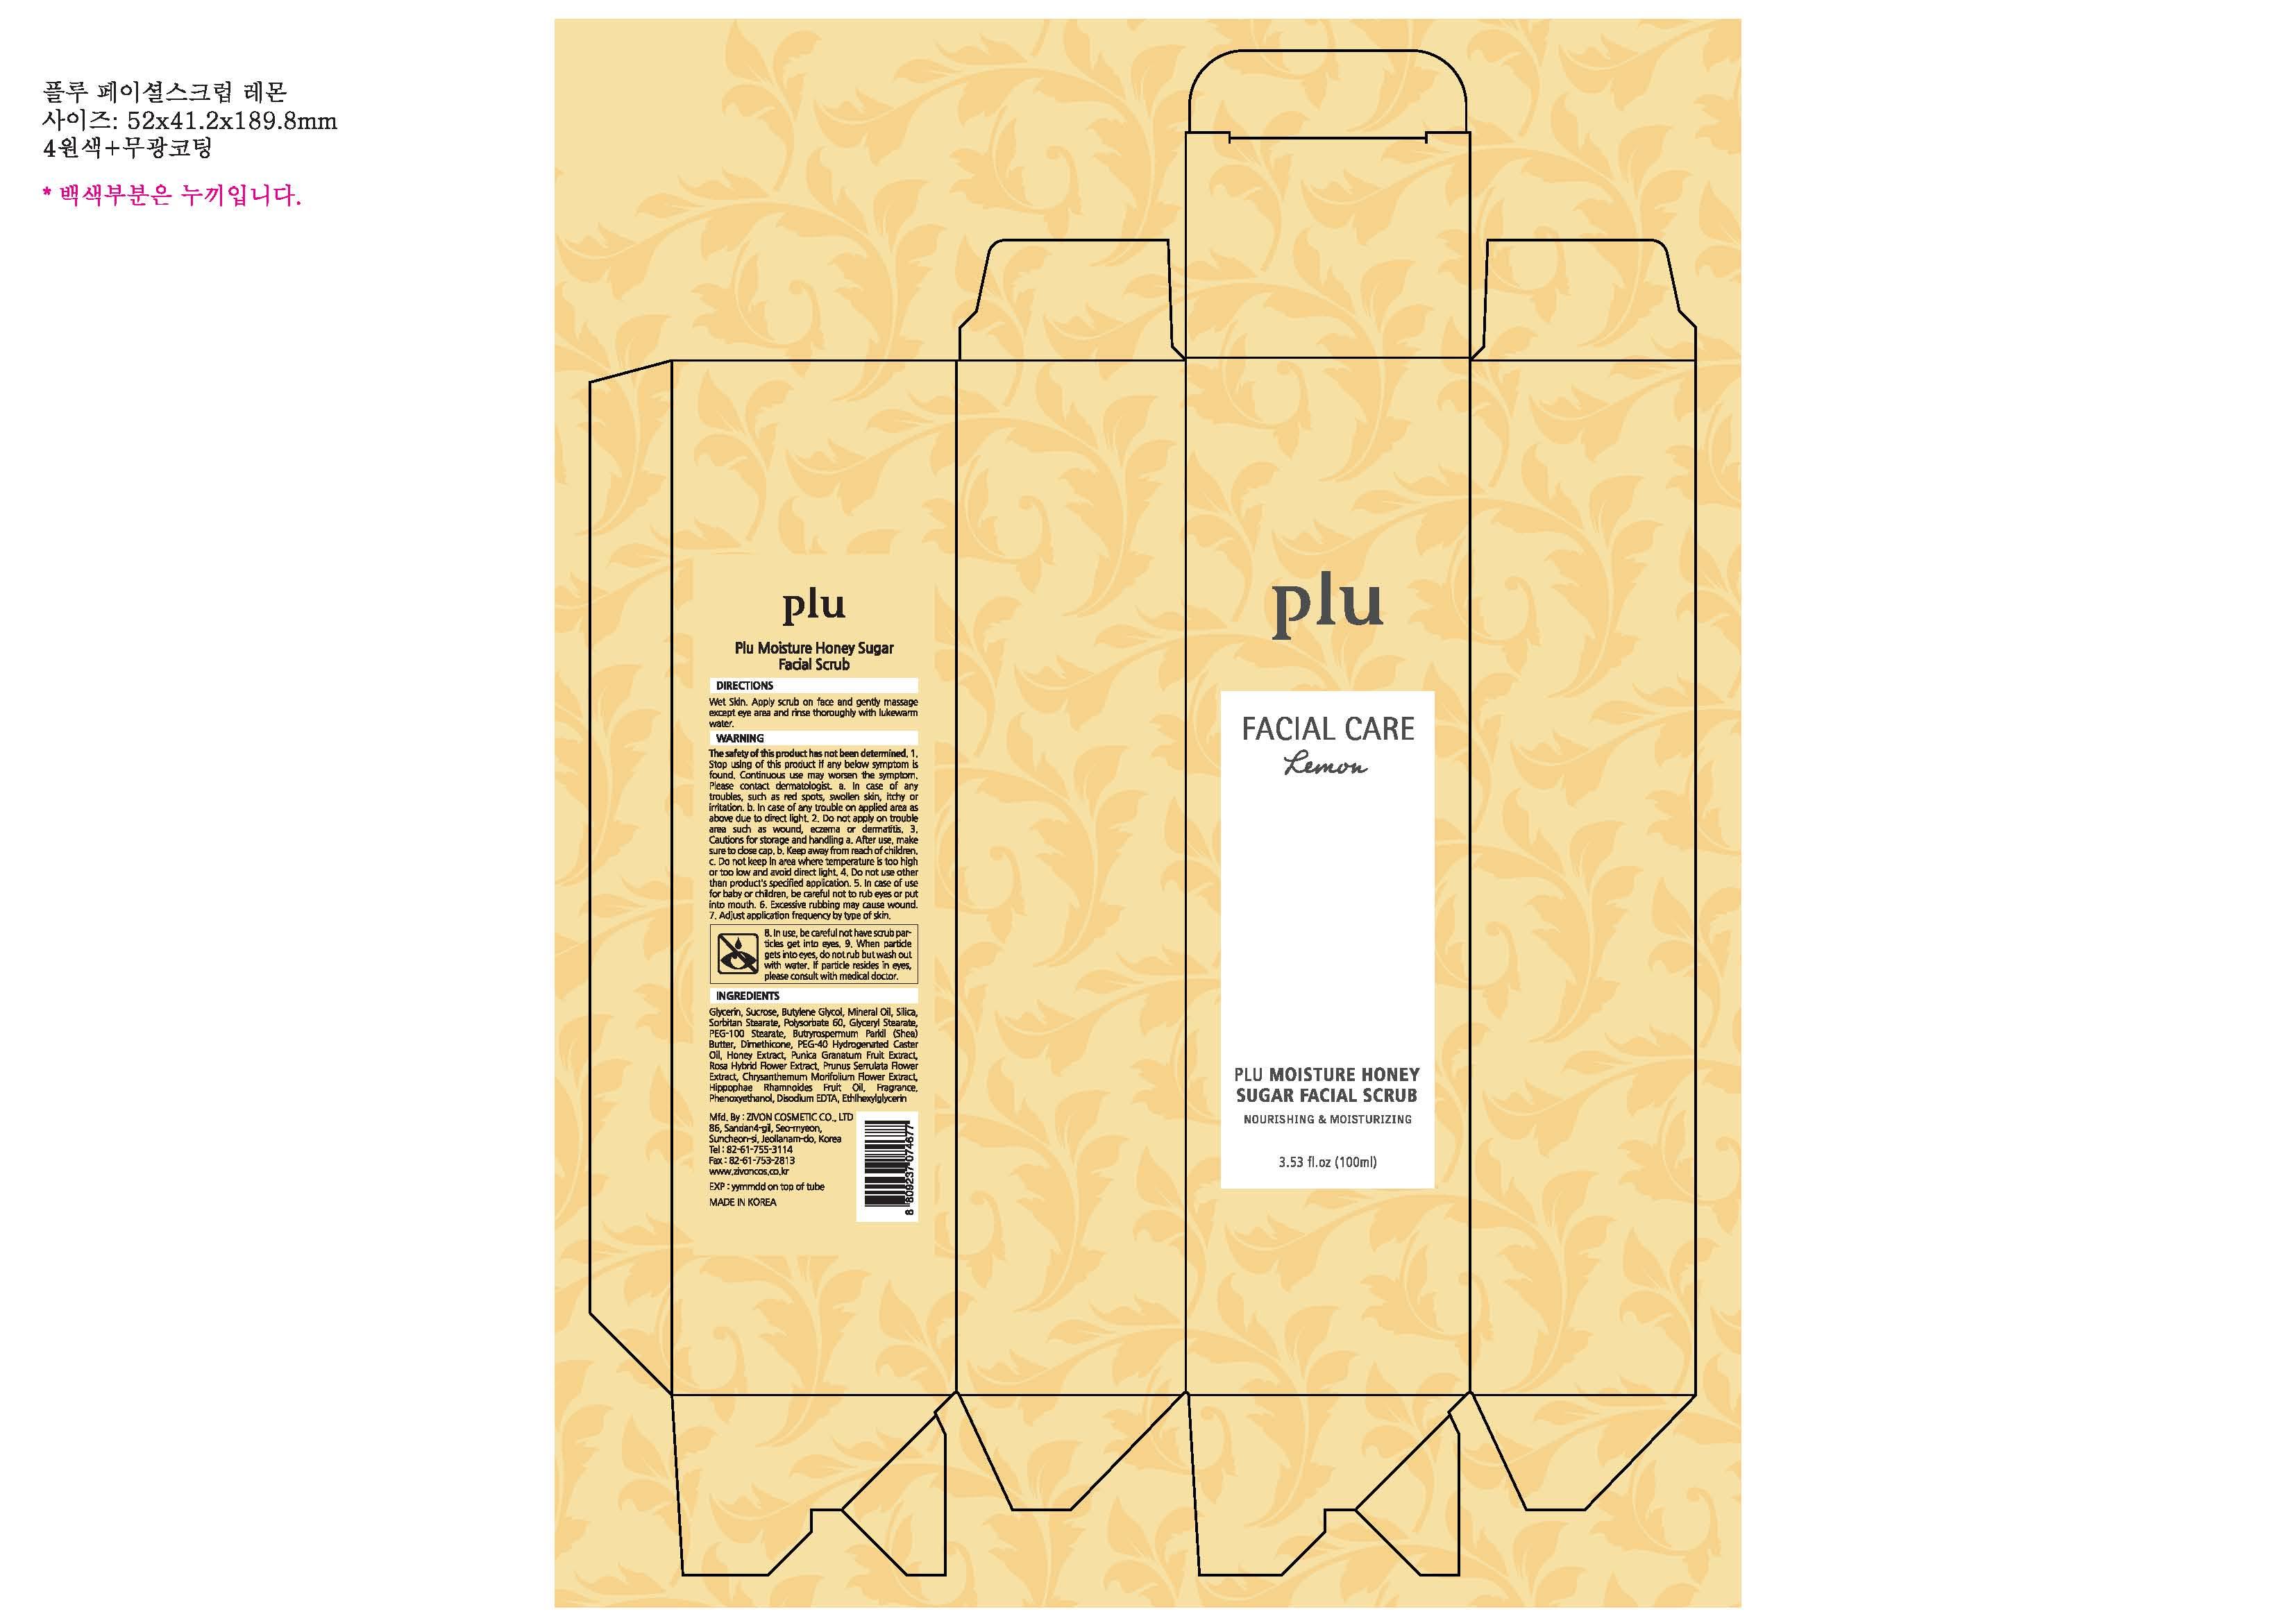 Plu Moisture Honey Sugar Facial Scrub   Glycerin Dimethicone Facial Scrub Lotion Breastfeeding